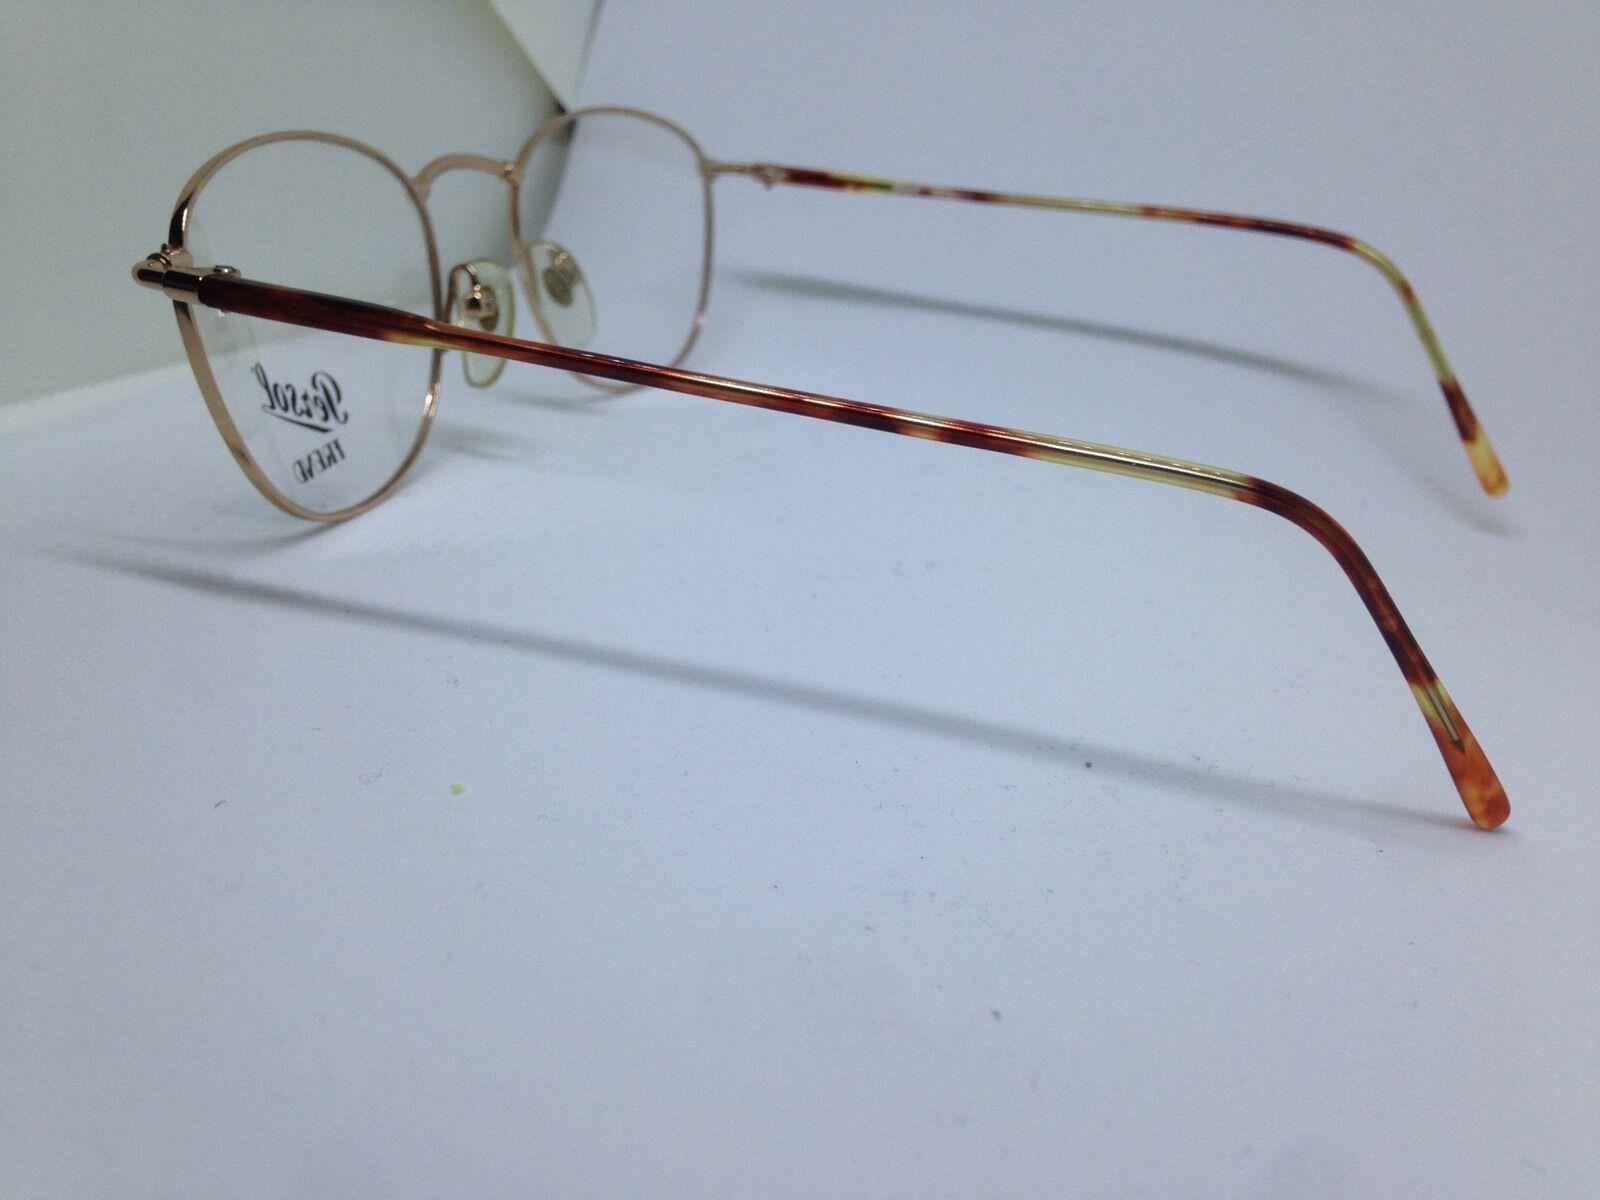 Persol Trend optische Brille Herren vintage vintage vintage Robins Original 90er Jahre | Ausgezeichnete Leistung  | Helle Farben  | Treten Sie ein in die Welt der Spielzeuge und finden Sie eine Quelle des Glücks  e44d5a